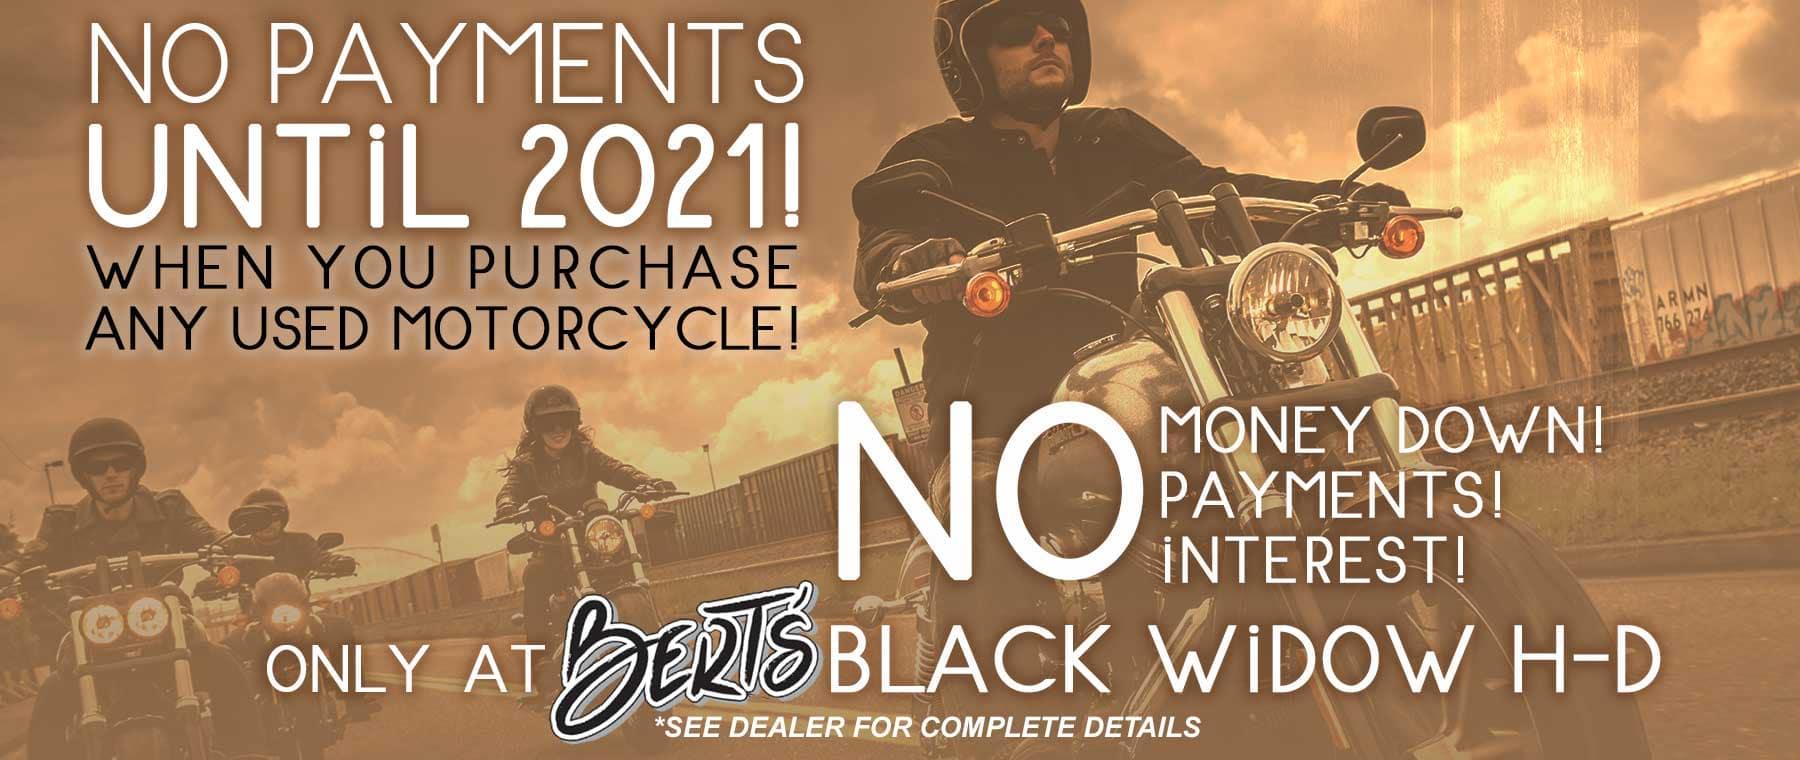 BERTS-HD_110120_PayIn2021_web